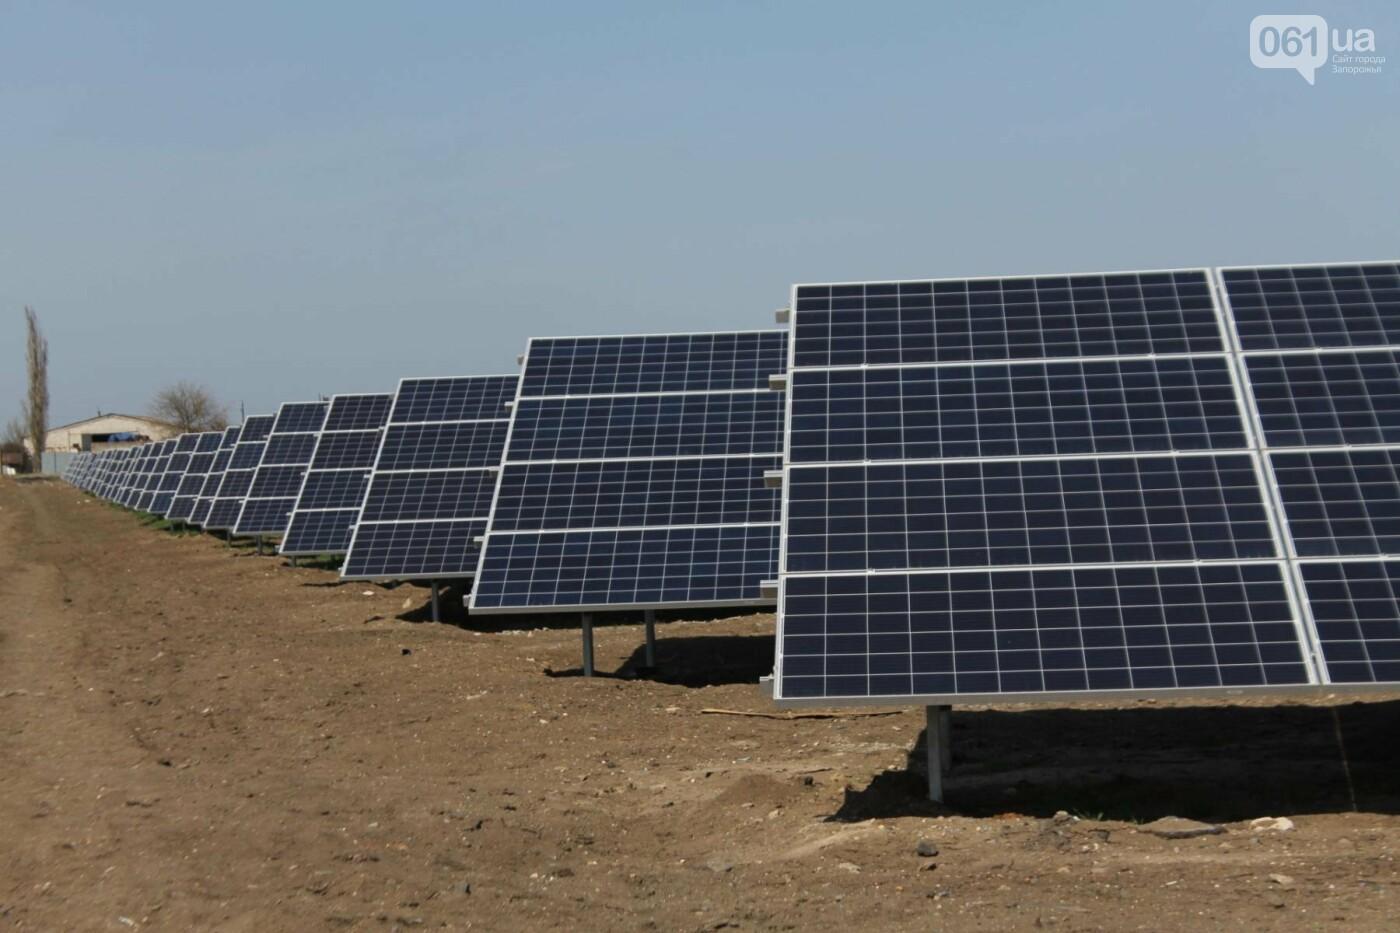 В запорожской громаде на месте свалки построили солнечную электростанцию: как она выглядит, – ФОТОРЕПОРТАЖ, фото-1